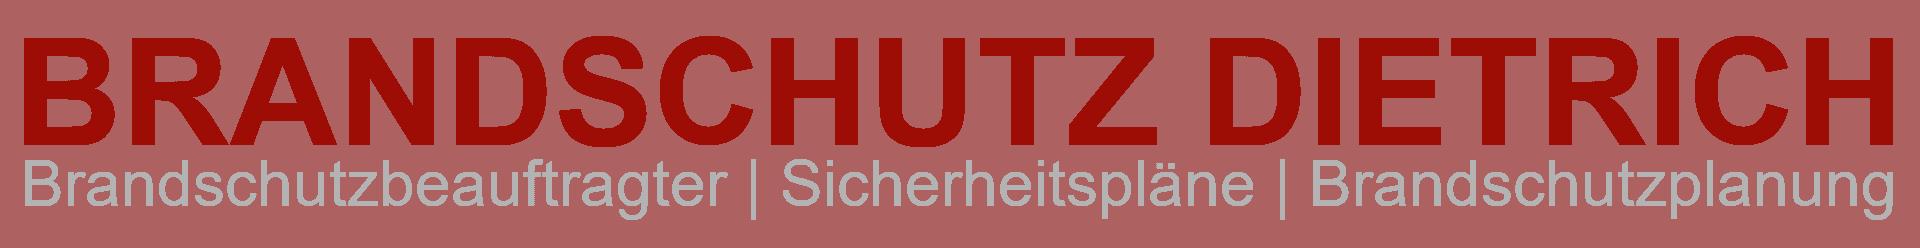 Brandschutz Dietrich